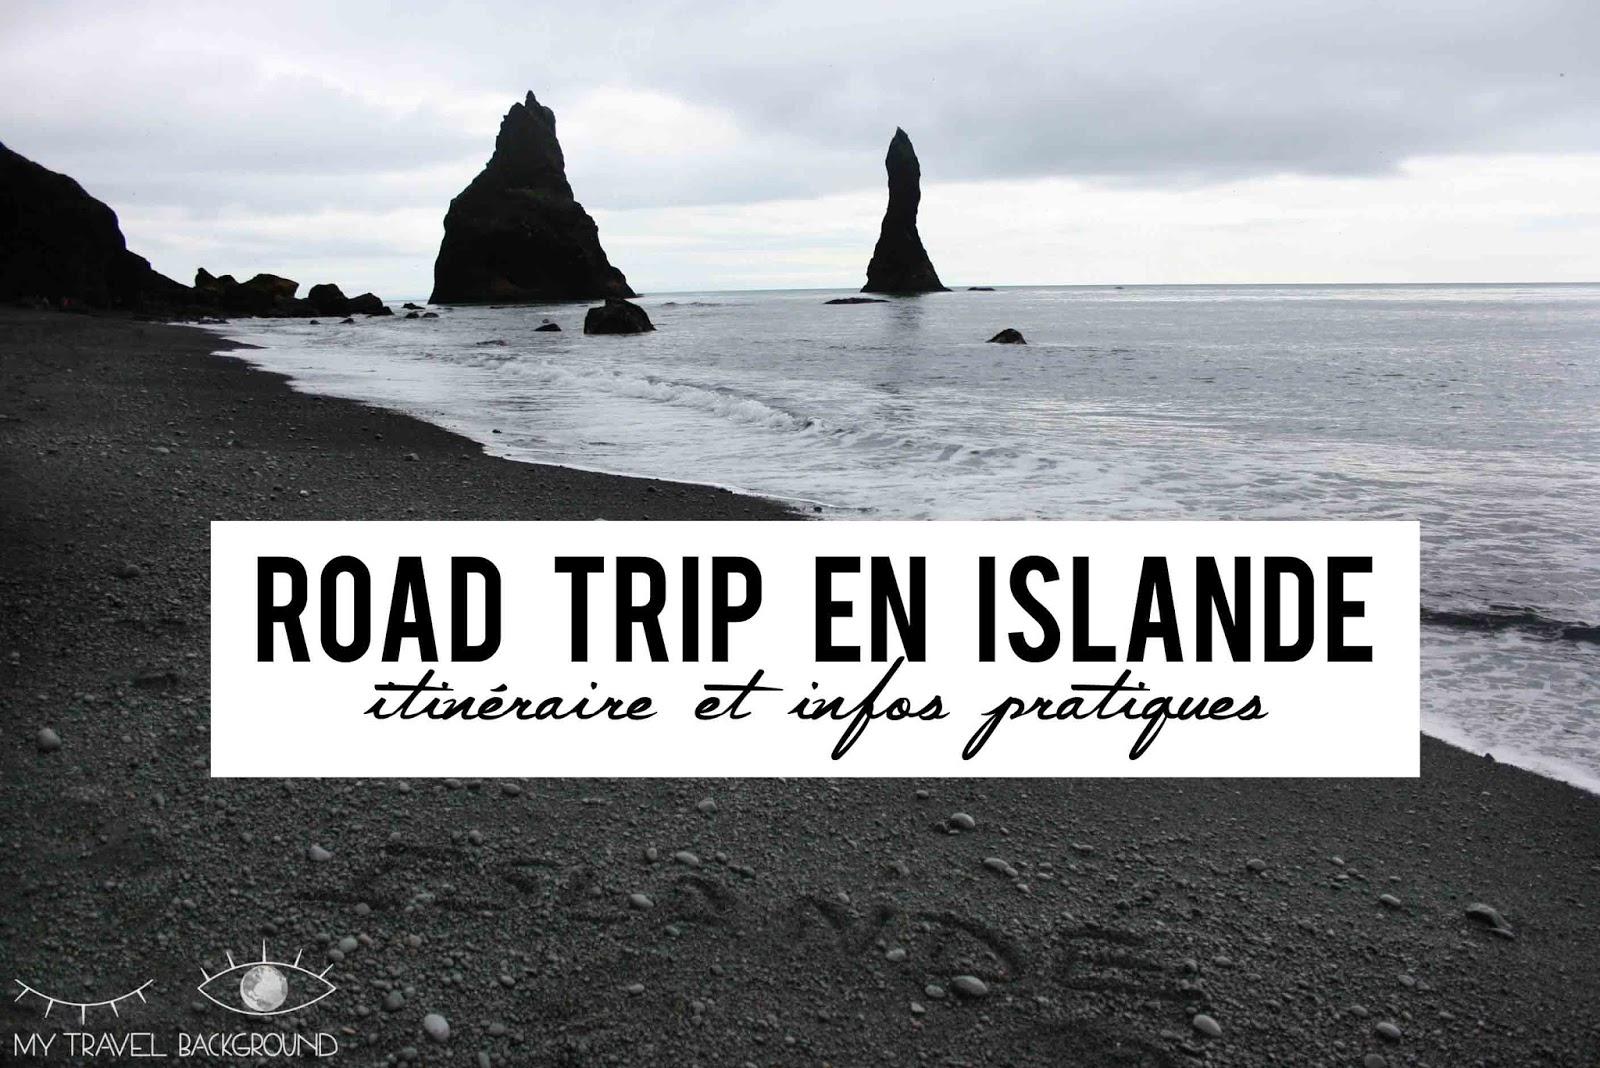 My Travel Background : Road Trip en Islande, itinéraire et infos pratiques